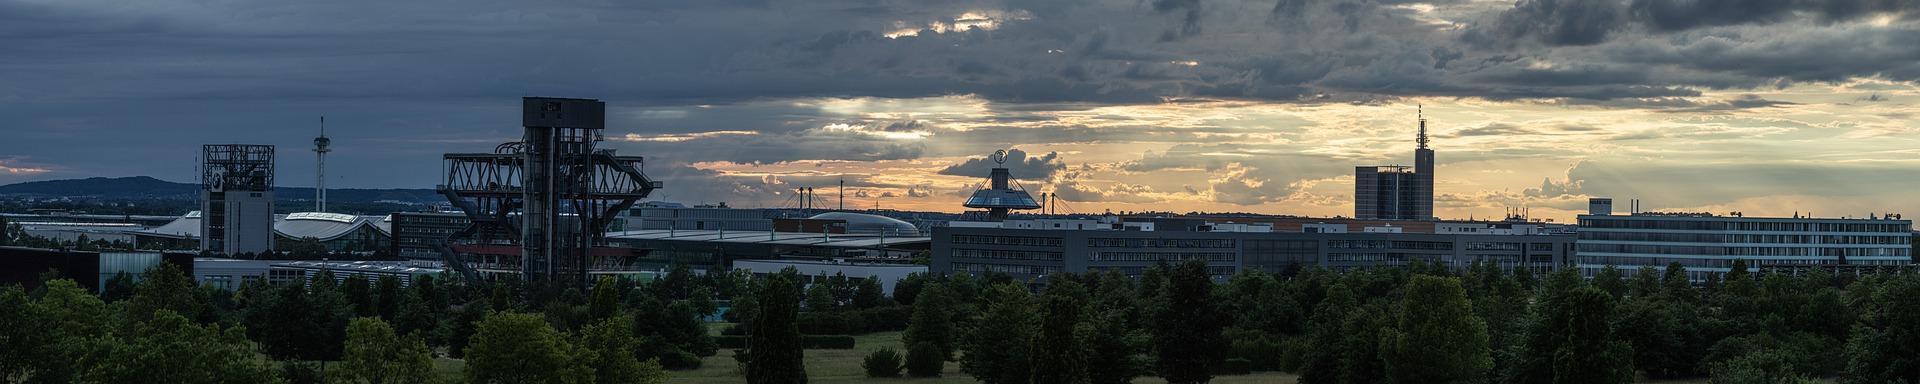 75 Jahre Niedersachsen - Skyline Hannover